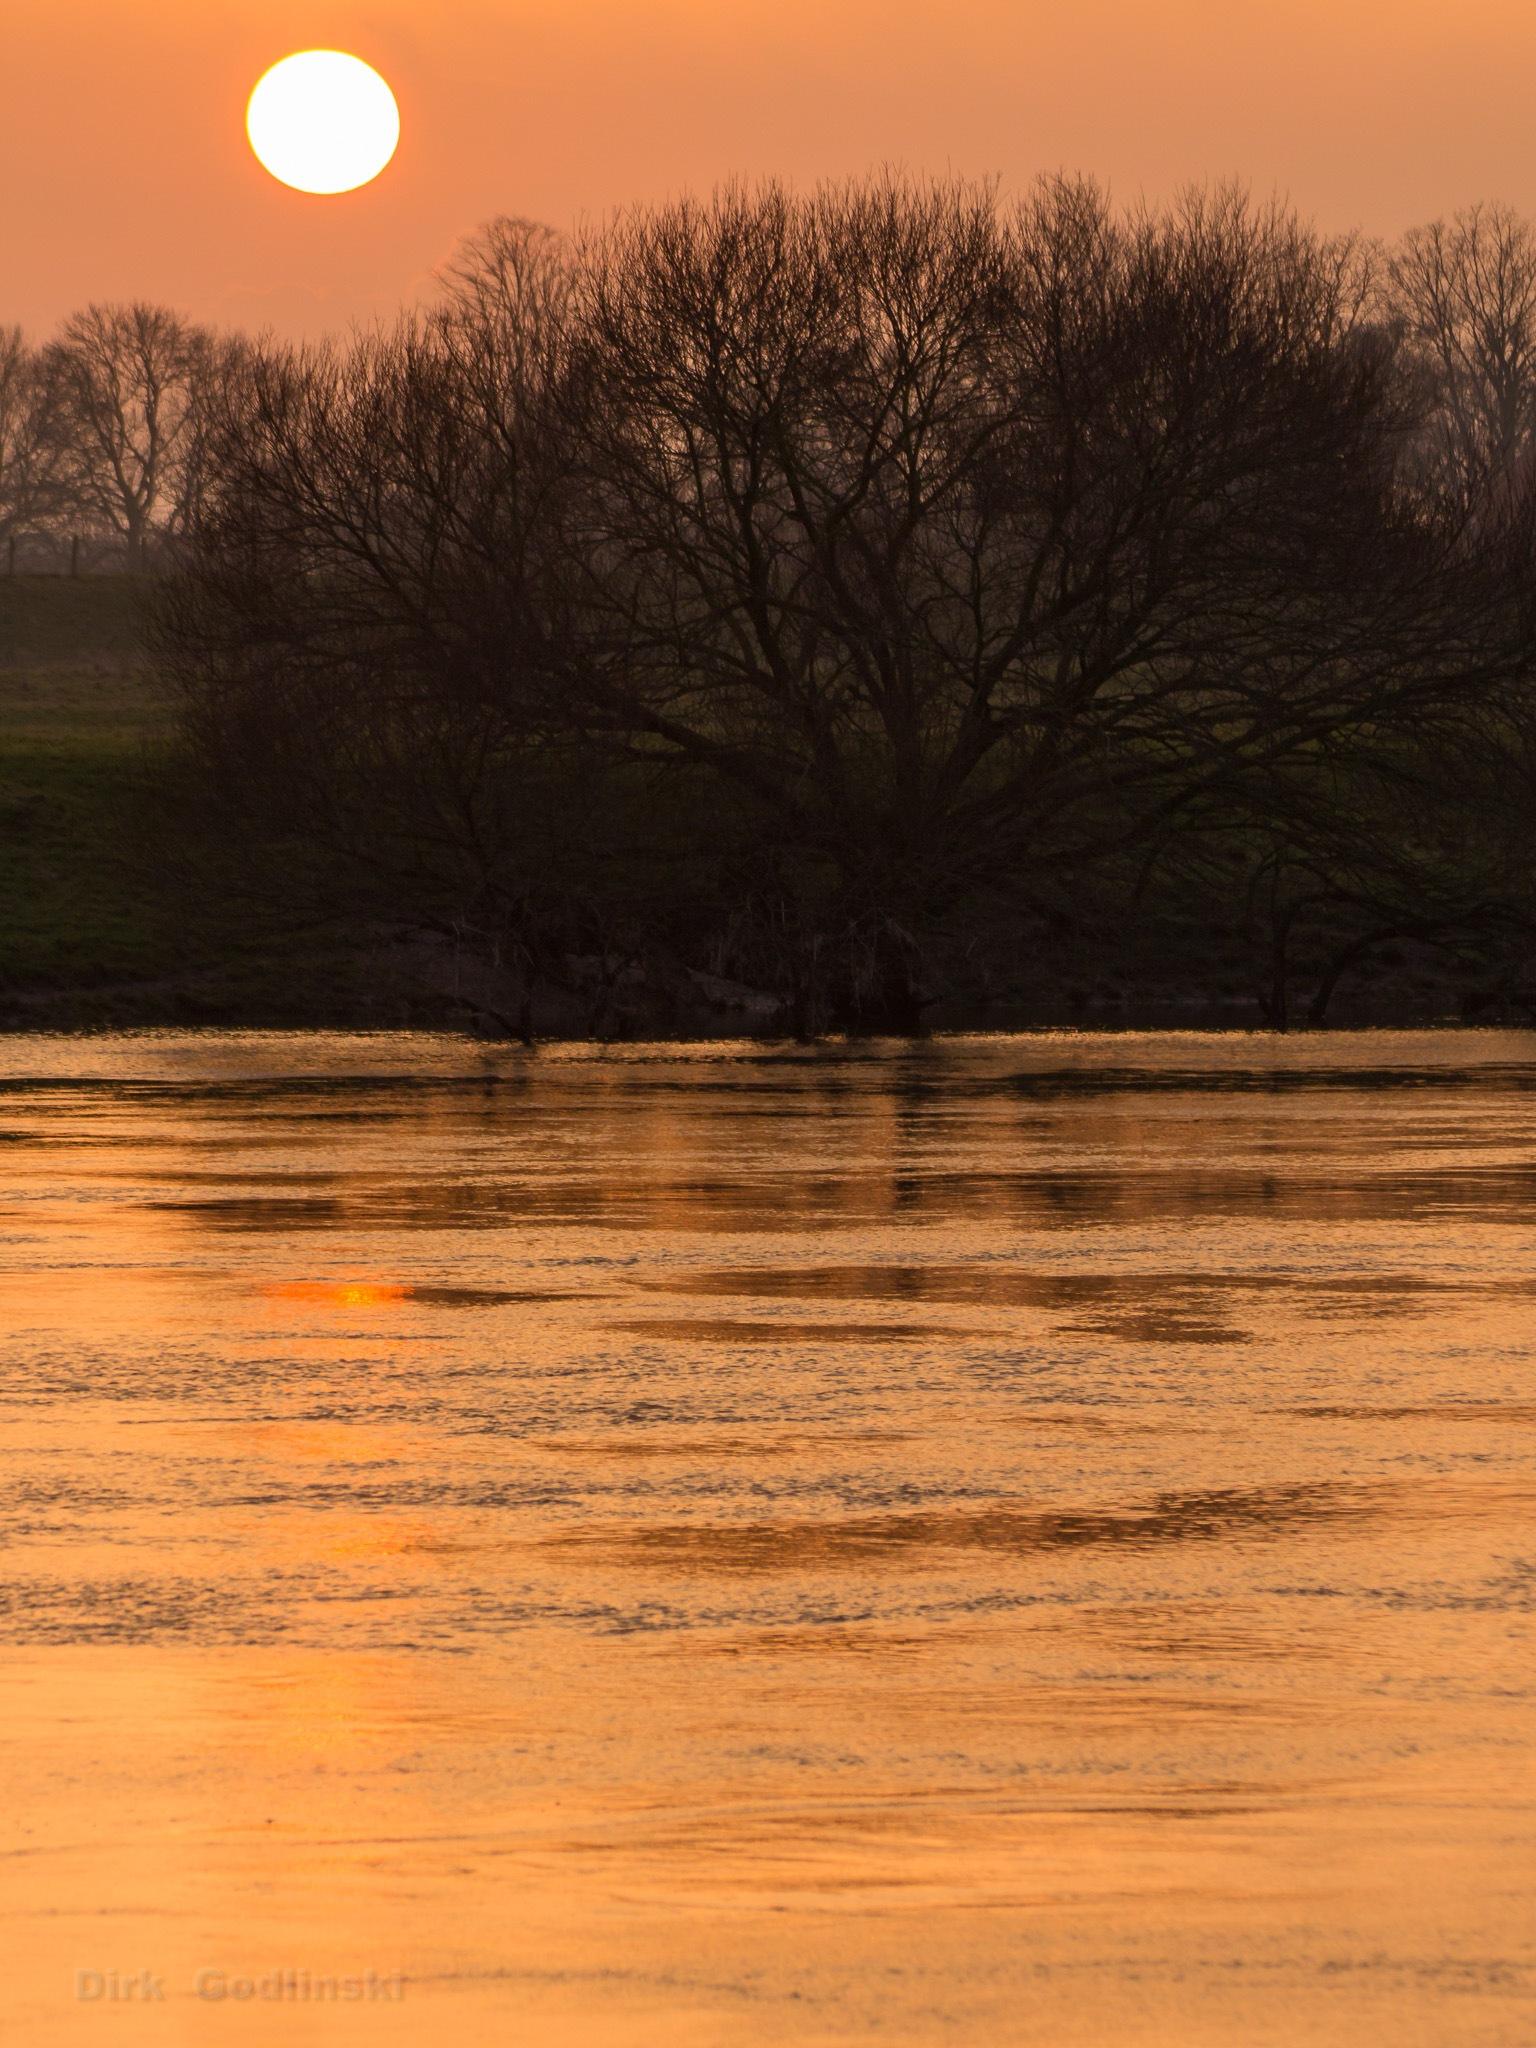 Golden River by Dirk Godlinski